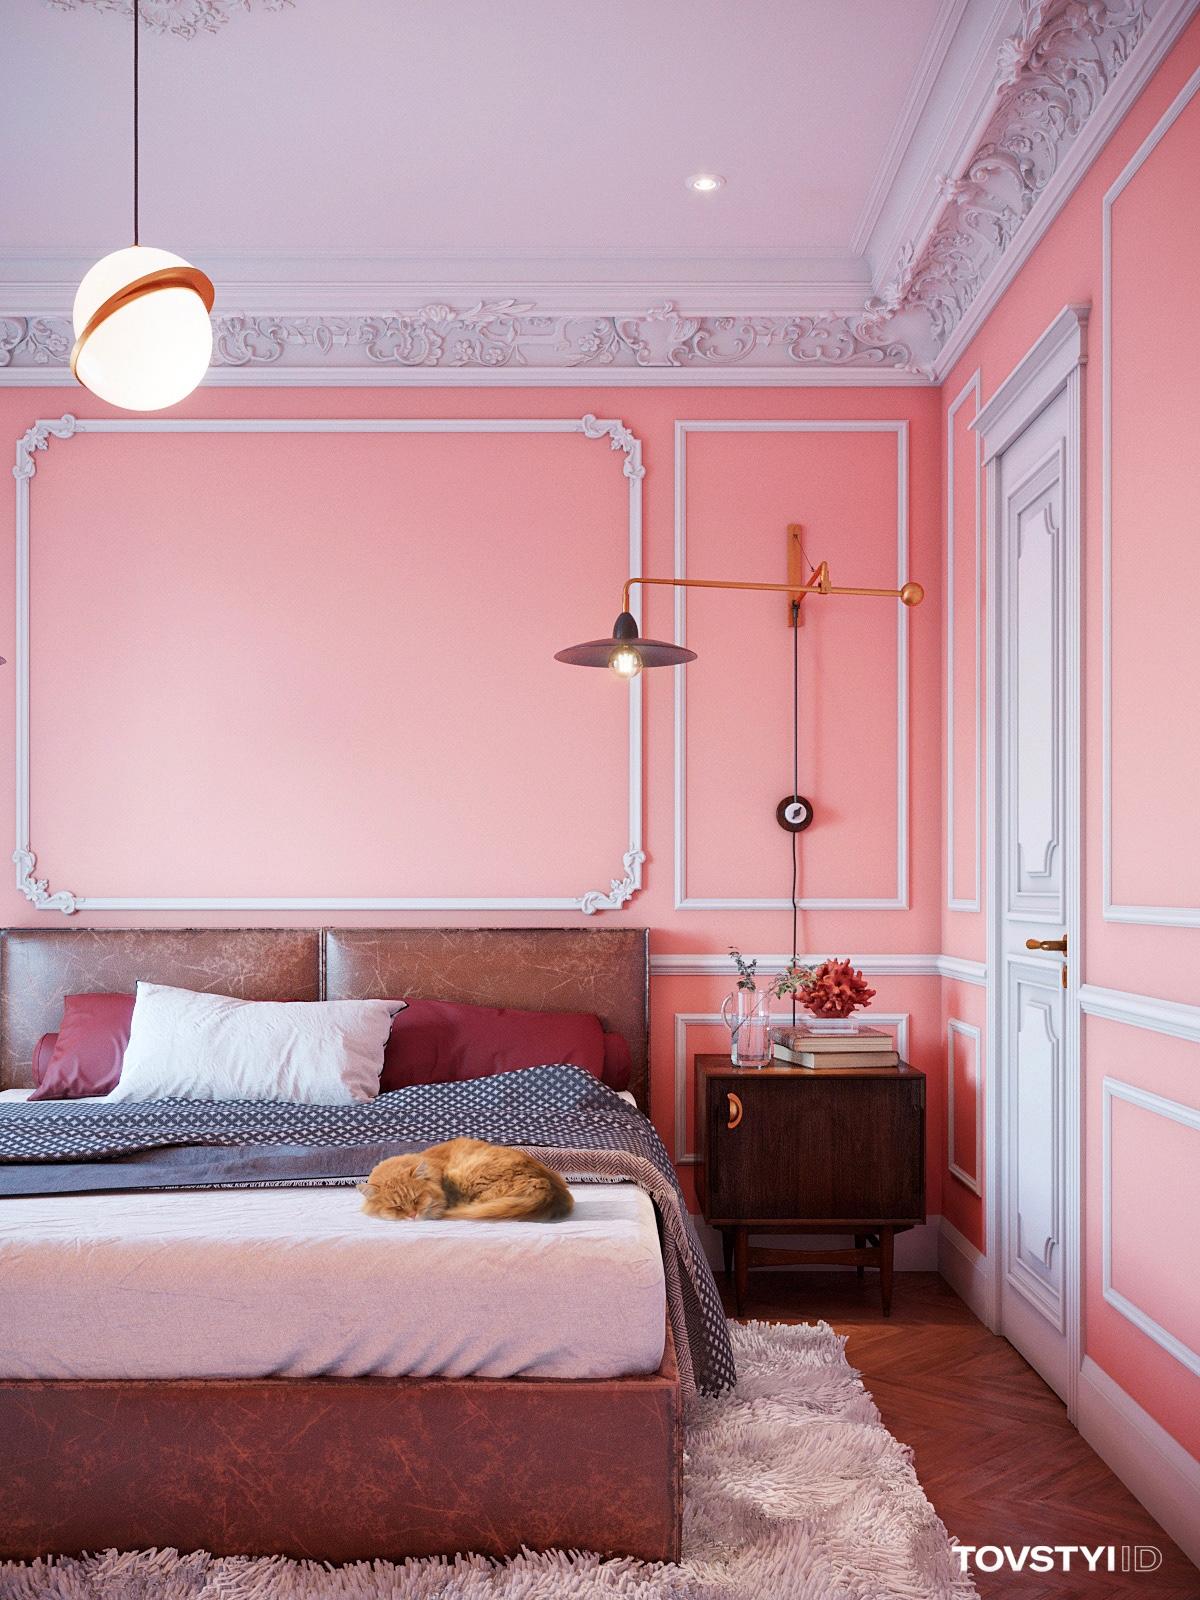 coral-pink-bedroom-idea